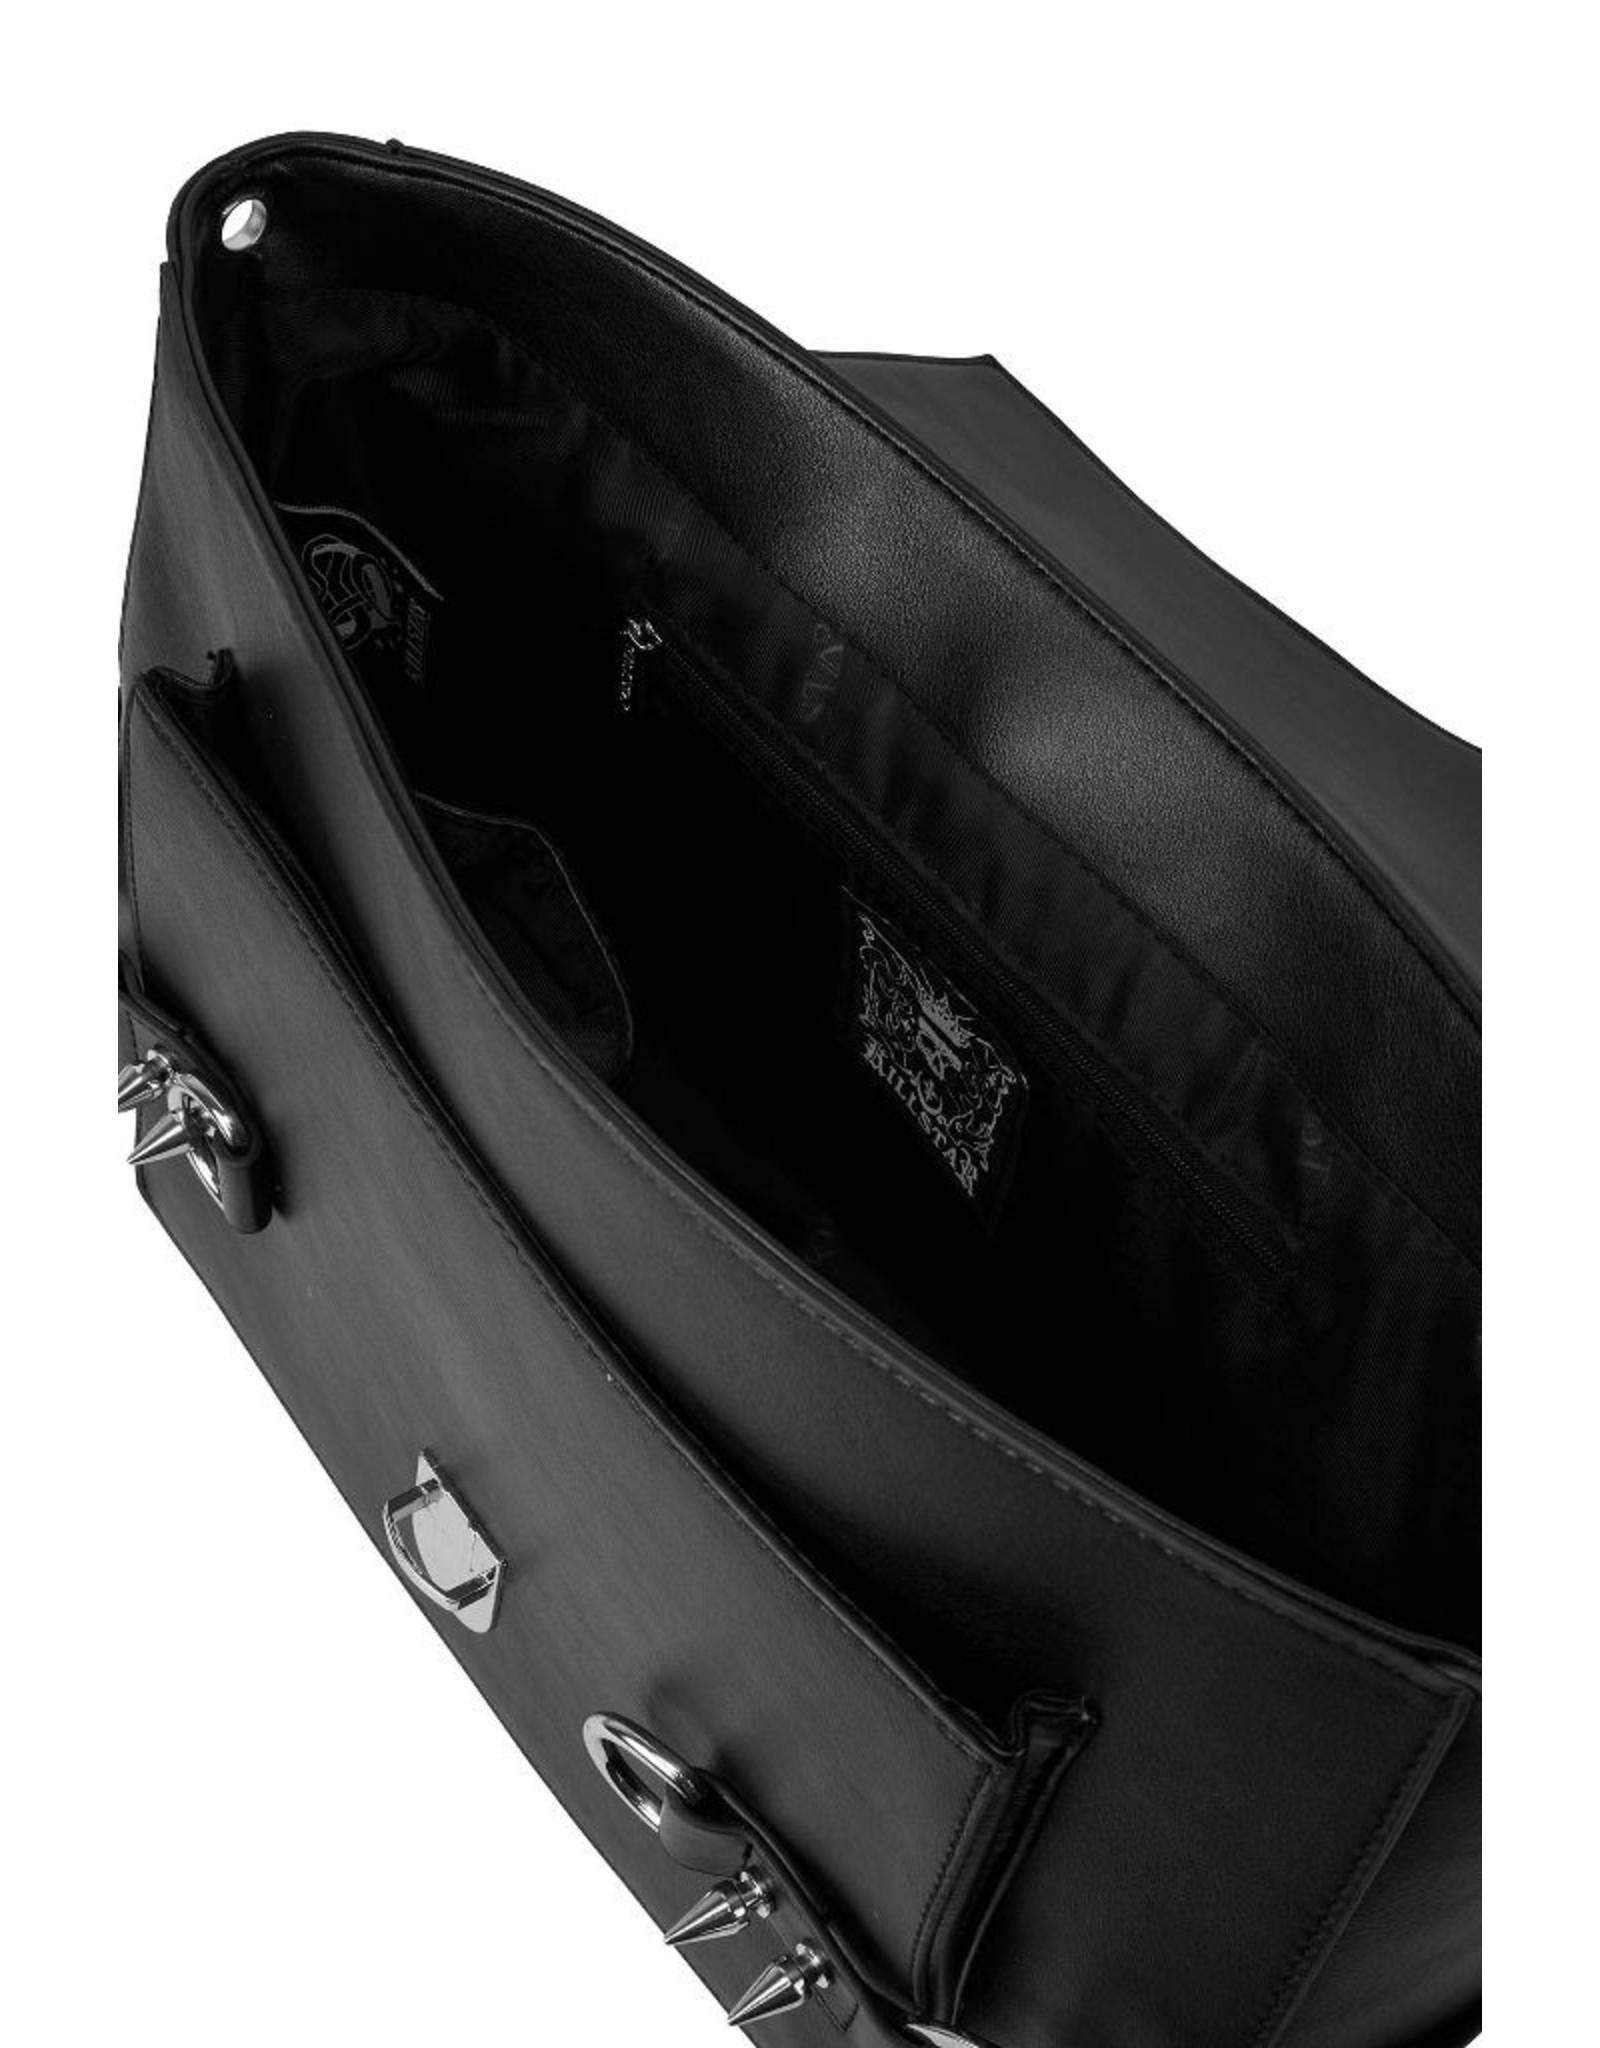 Killstar Killstar bags and accessories - Killstar messenger bag Scarlotte